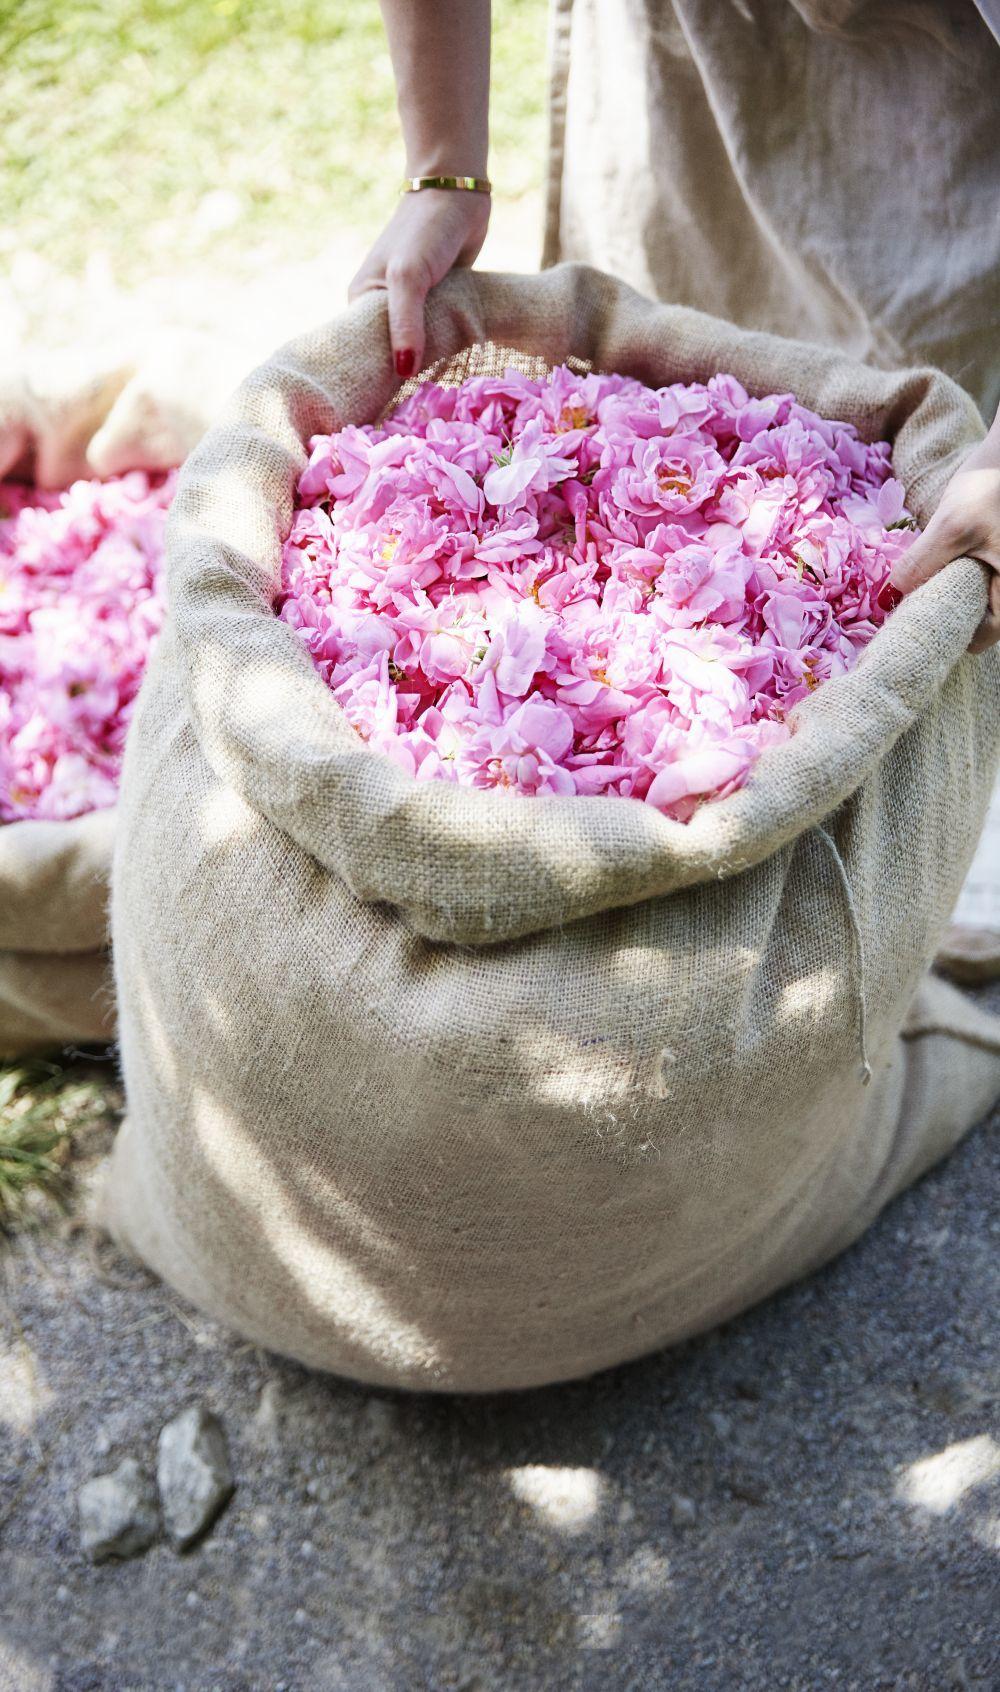 En mayo, tiene lugar la recolección de la rosa damascena de Grasse que es unas de las materias primas de las fragancias de Dior.